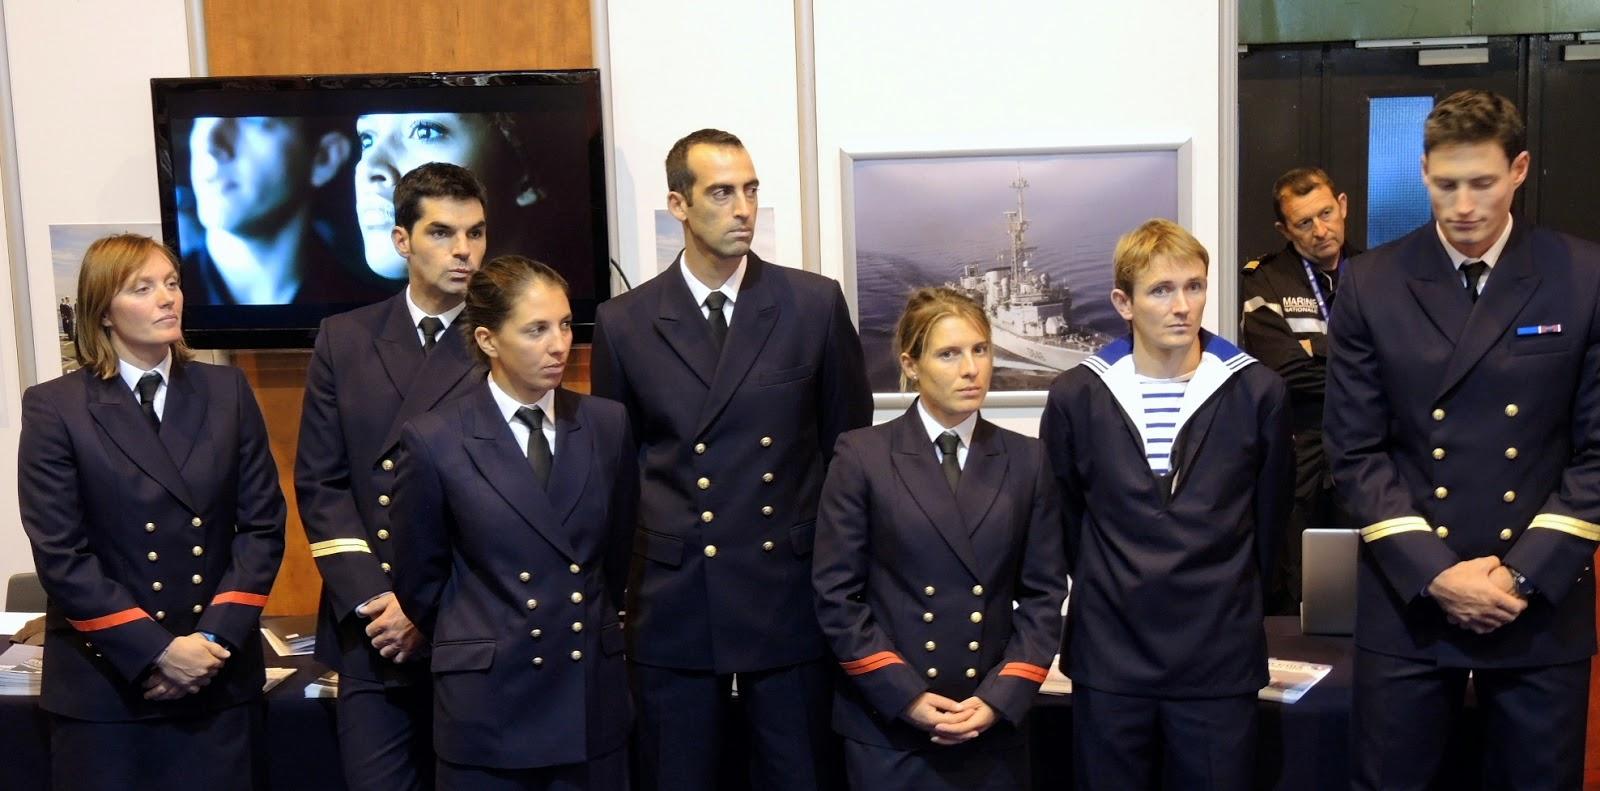 Lancement du Grand Prix de l'Ecole Navale 2015 au Salon Nautique.